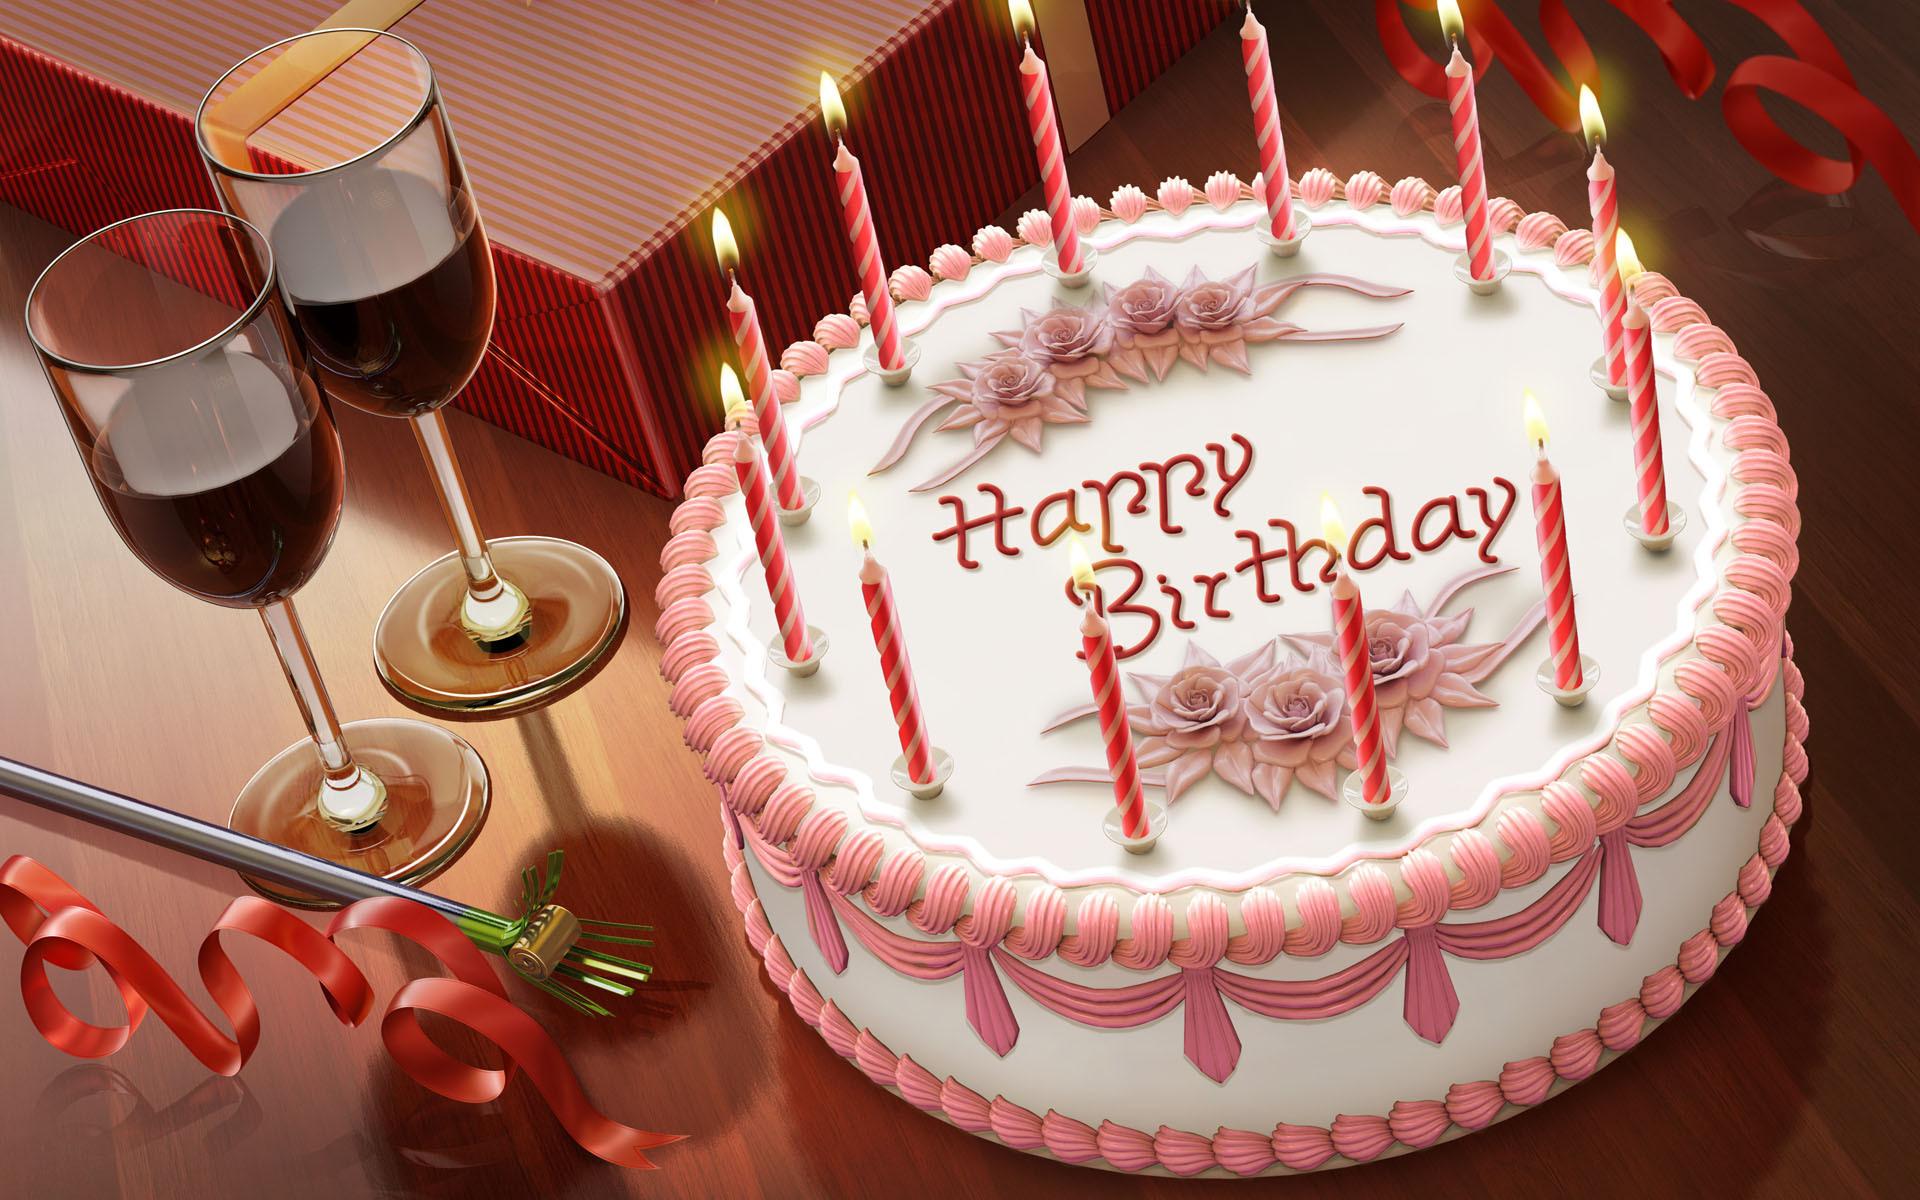 Вино и торт на День Рождения, широкоформатные обои прикольные, 1920 на 1200 пикселей